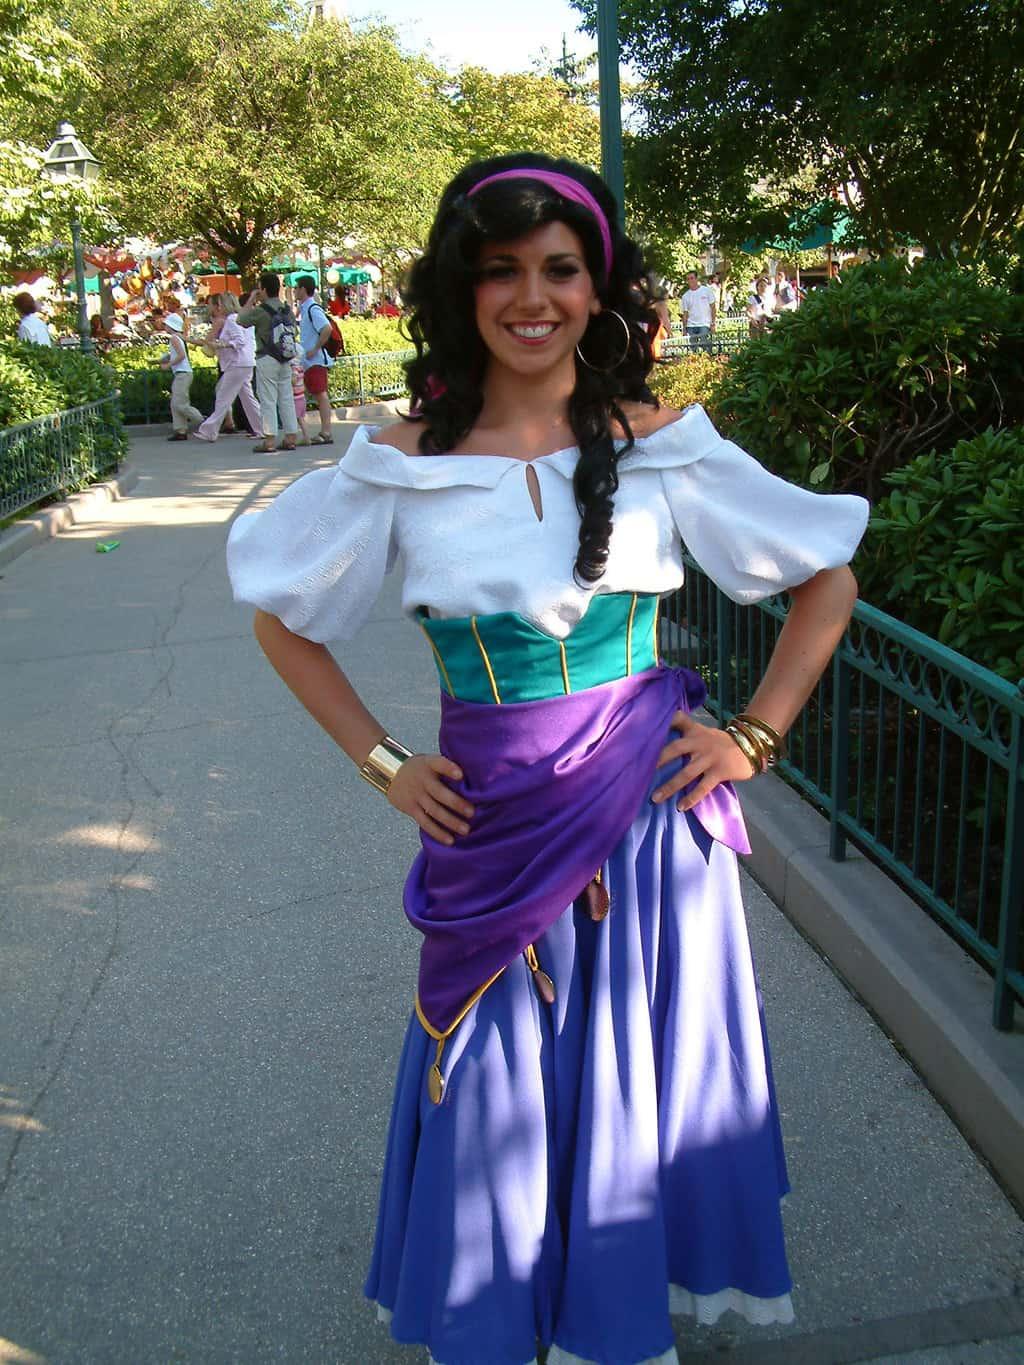 Quasimodo And Esmeralda Disneyland